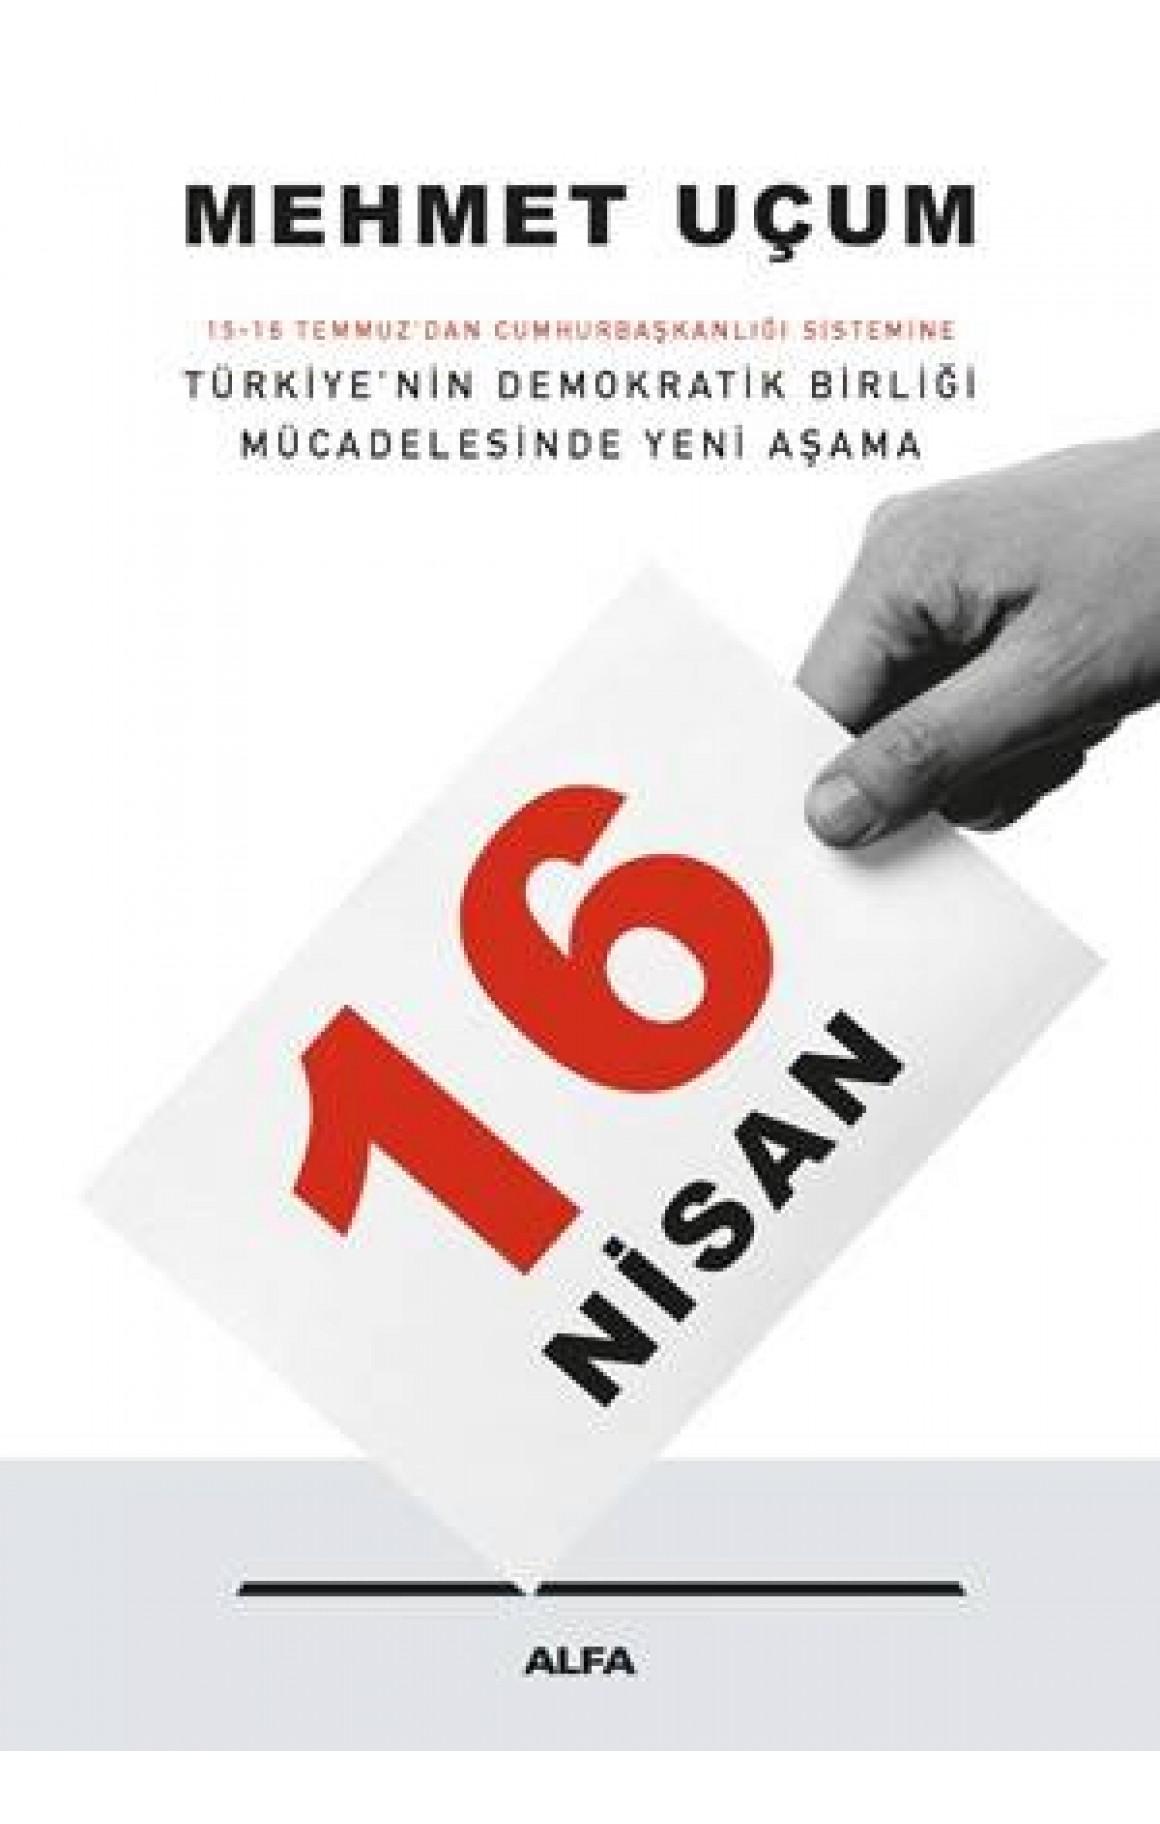 16 Nisan-Türkiye'nin Demokratik Birliği Mücadelesinde Yeni Aşama